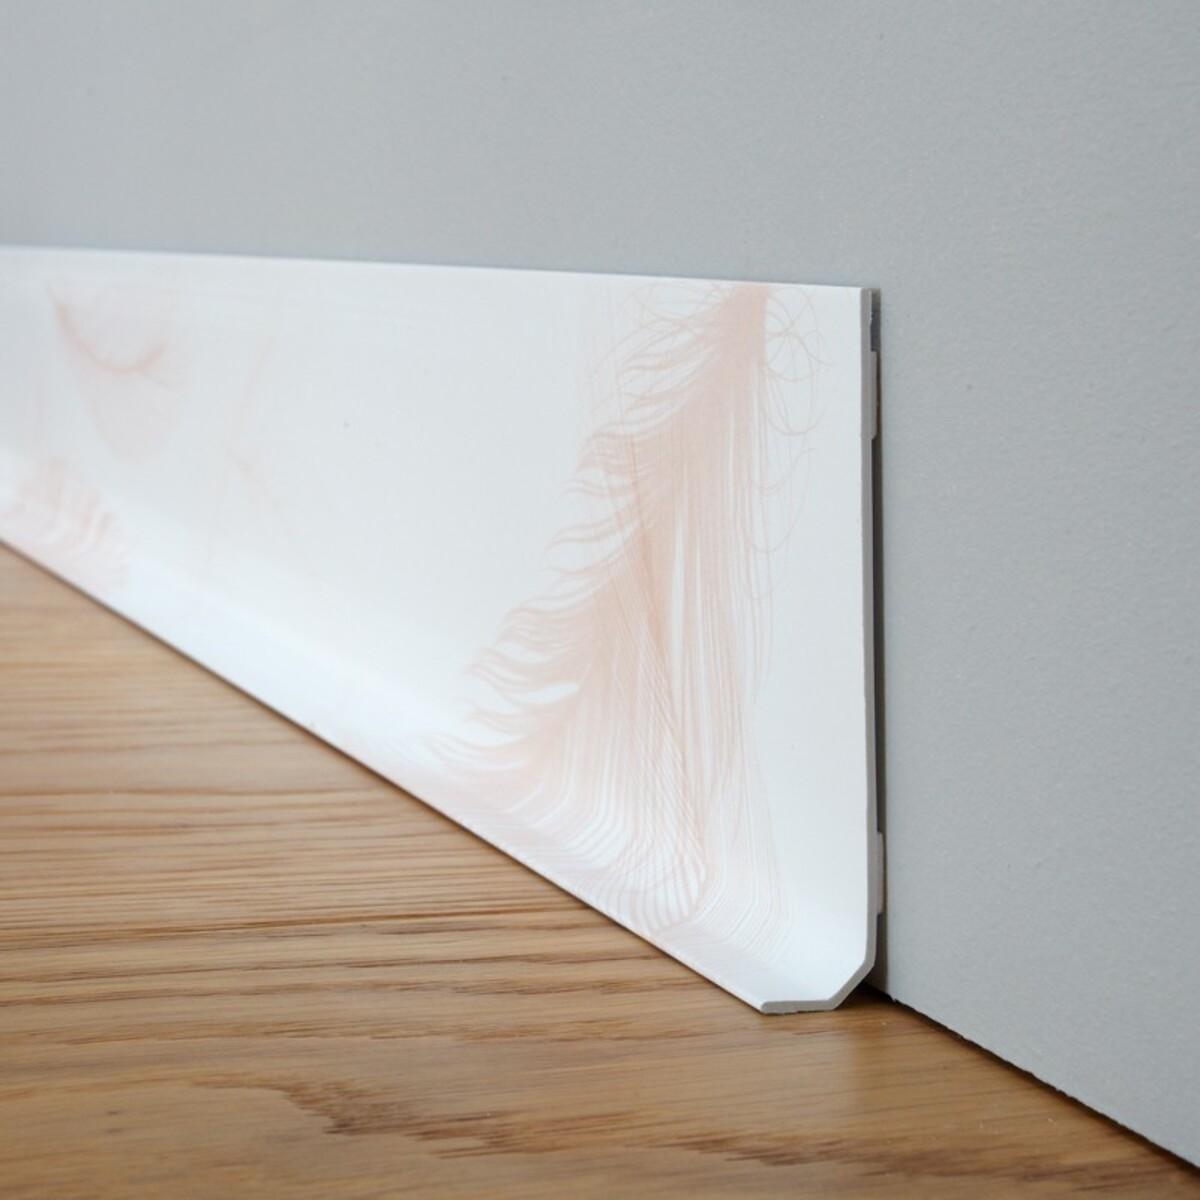 Lot de 25 plinthes PVC L100xH8cm